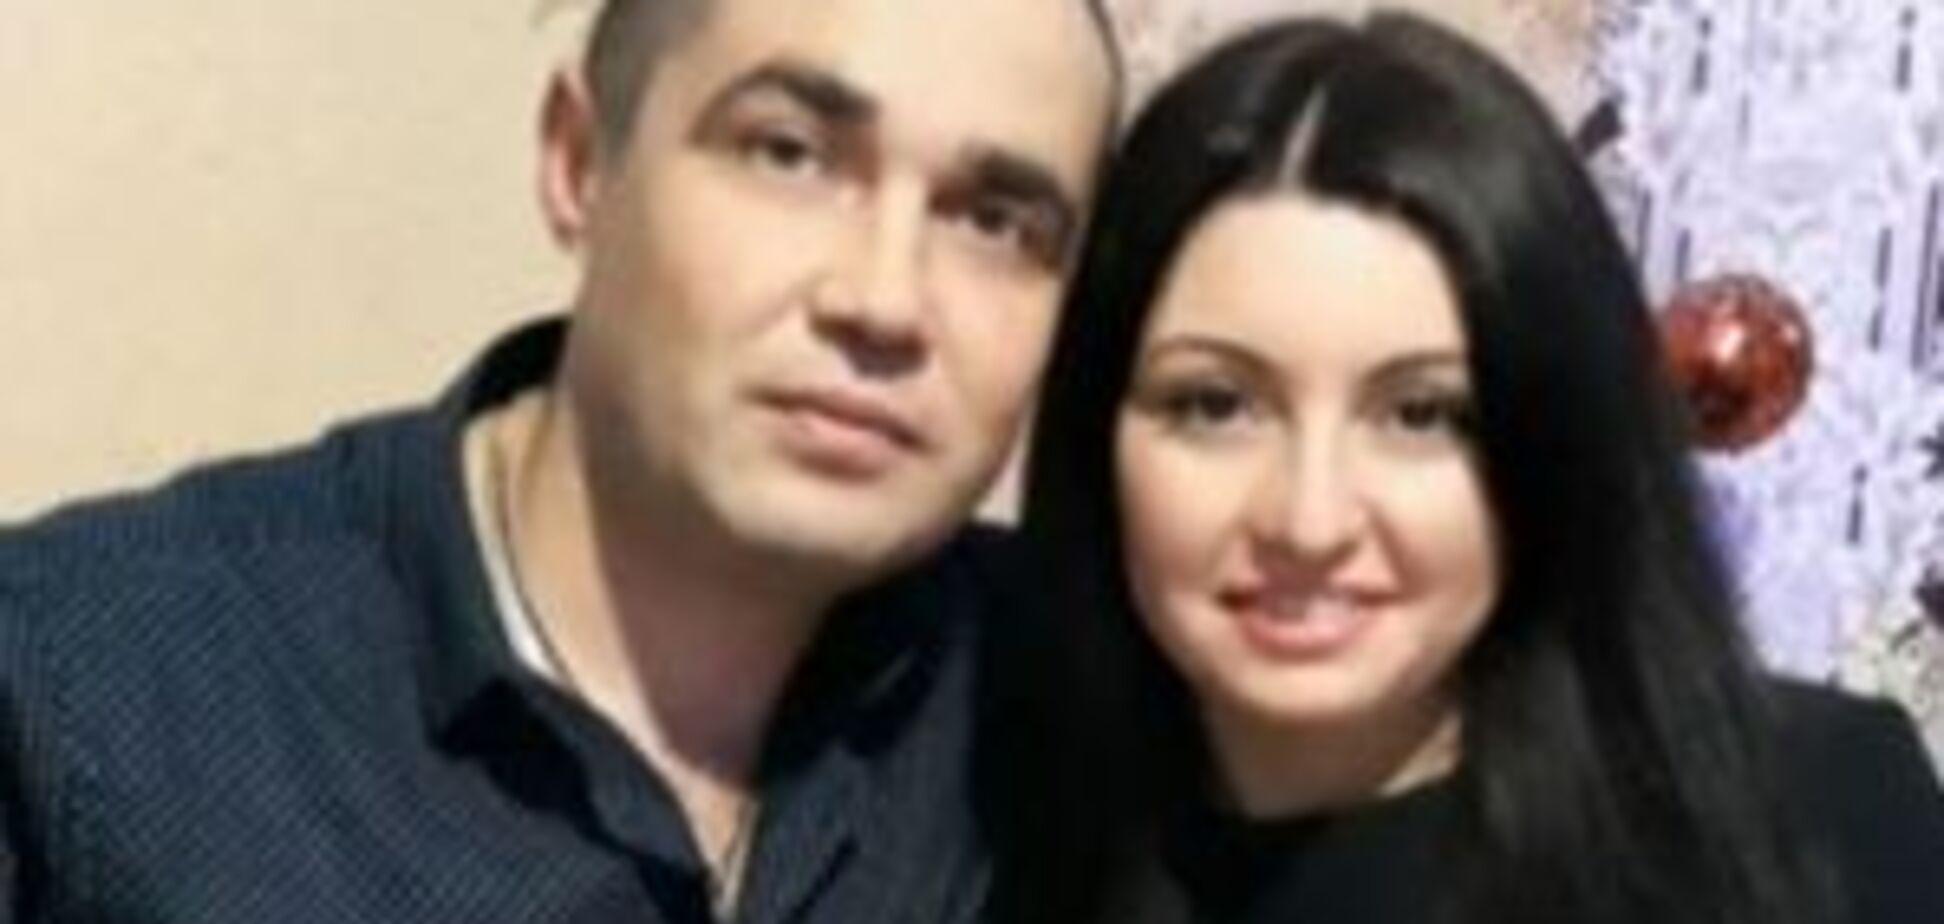 Тюрьма не преграда: пленный украинский моряк решил жениться в российском СИЗО